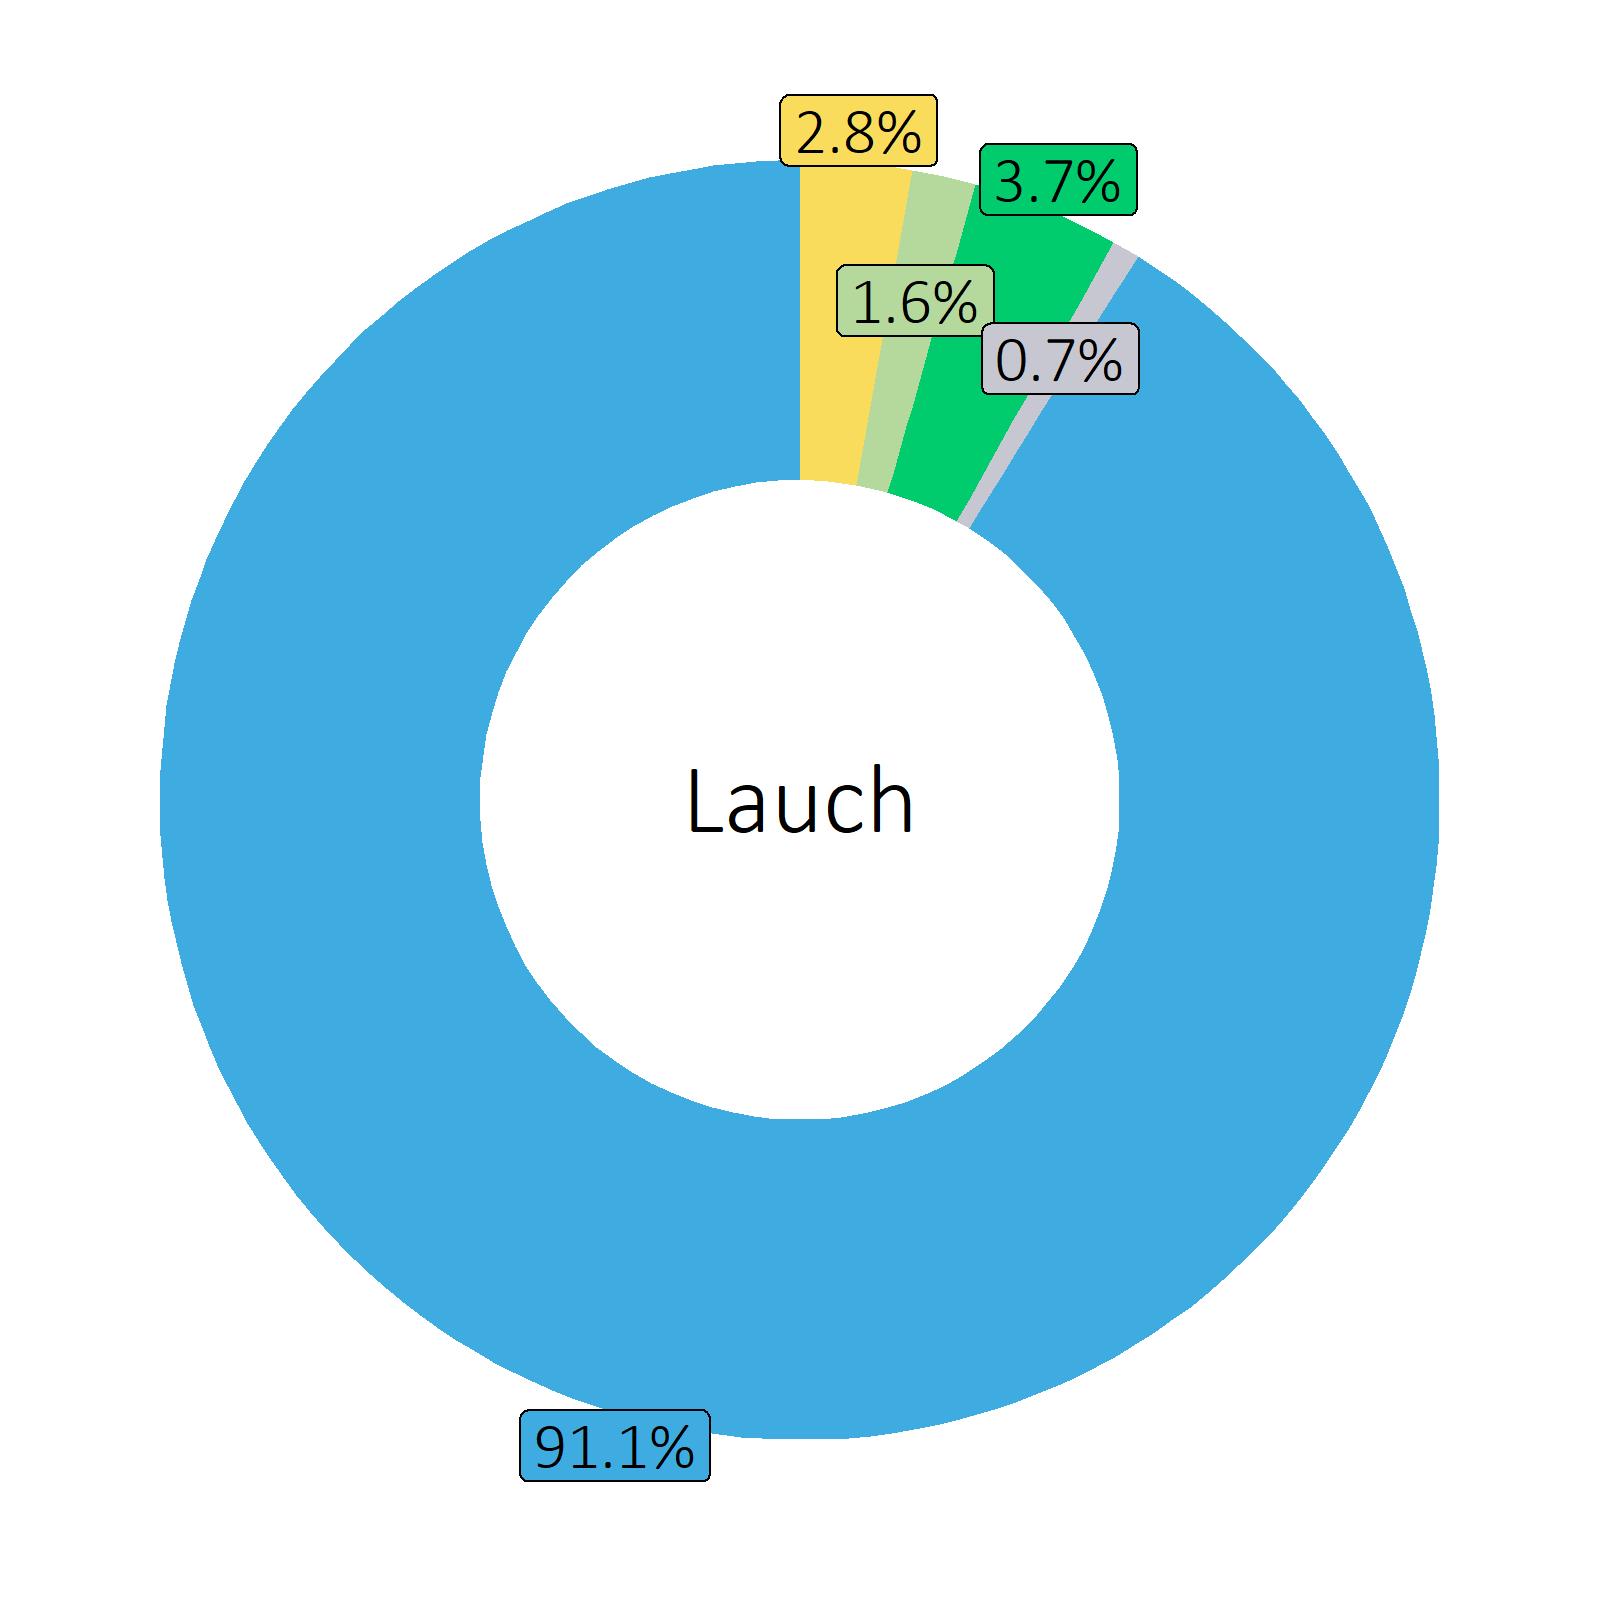 Bestandteile Lauch